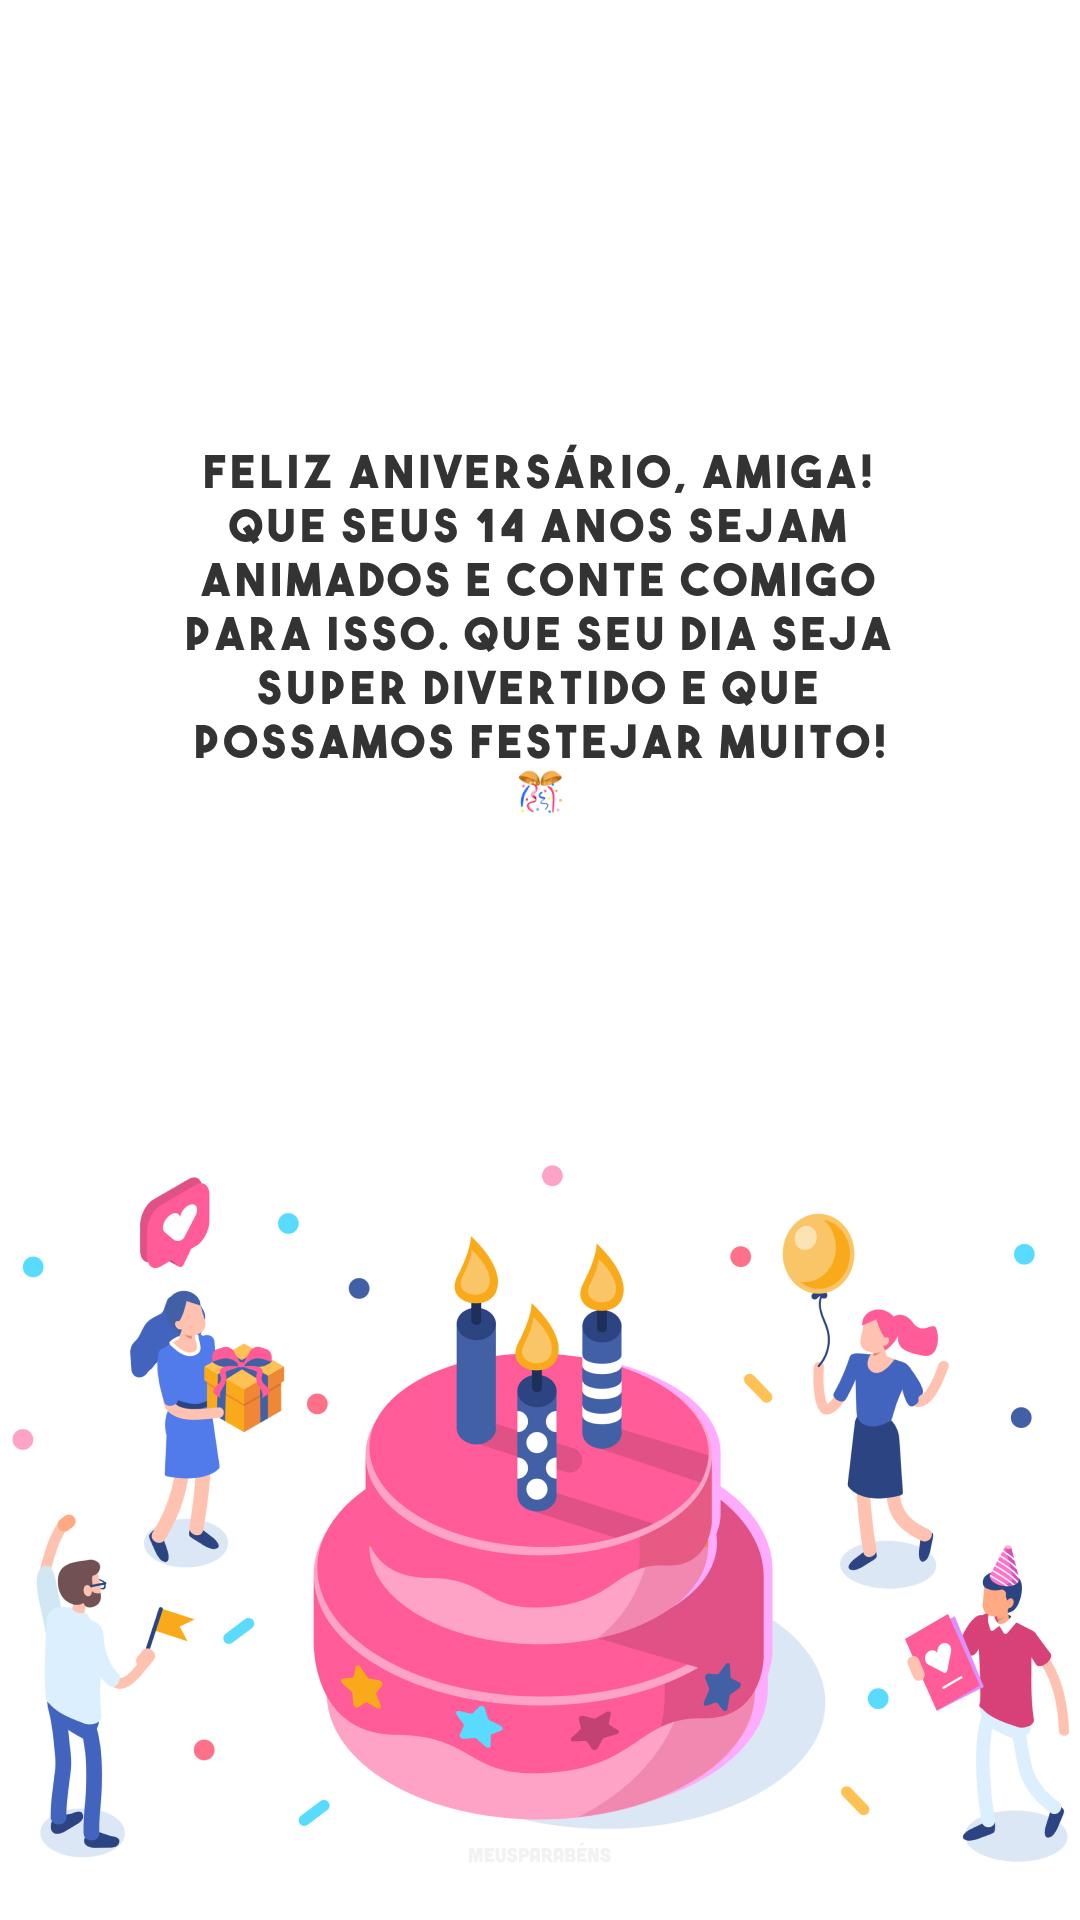 Feliz aniversário, amiga! Que seus 14 anos sejam animados e conte comigo para isso. Que seu dia seja super divertido e que possamos festejar muito! 🎊